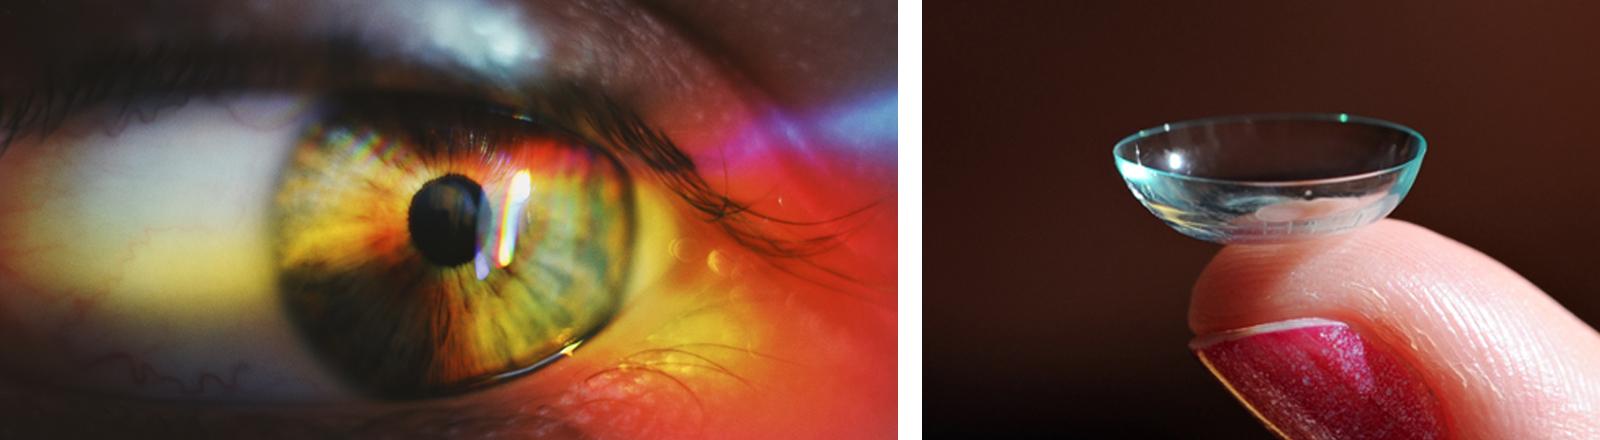 Ein Auge mit rötlichem Lichtreflex, daneben eine Kontaktlinse auf einem Finger.